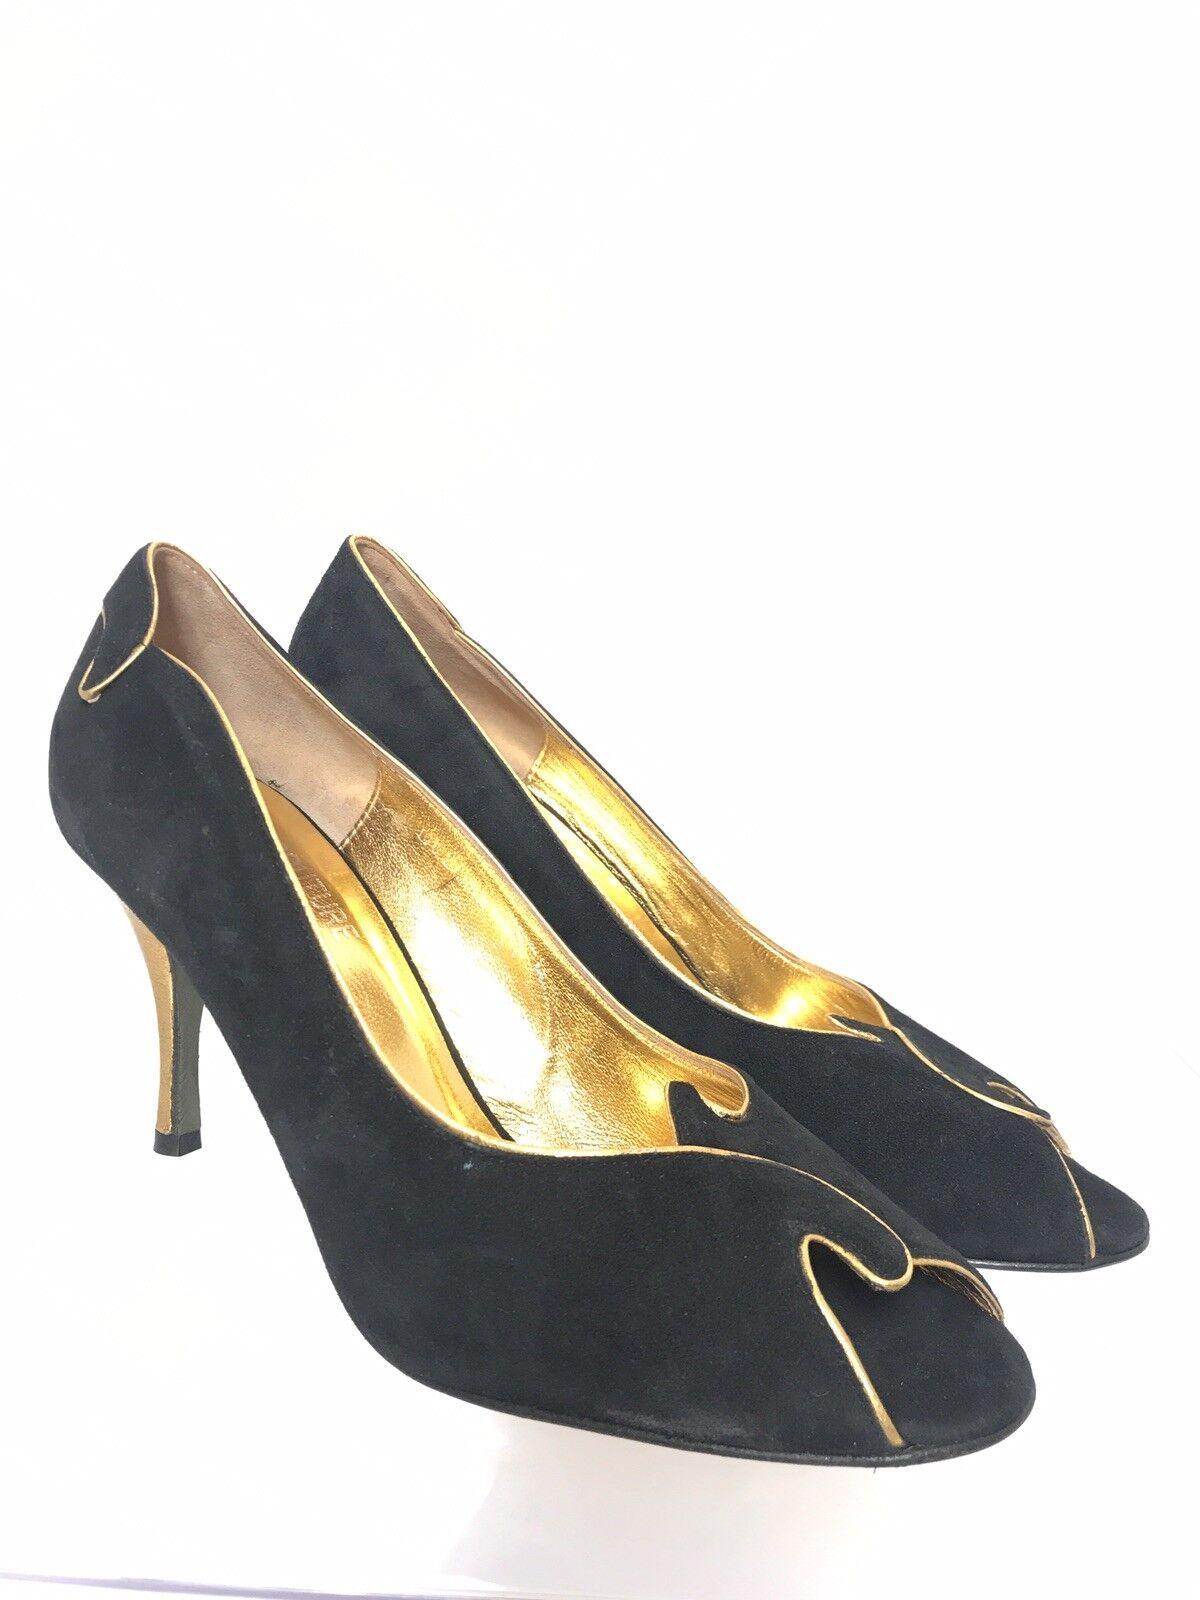 Couture Donald Donald Donald J. Pliner Zest suede  metallic gold Pumps Open Toe size 8 M d95cc8